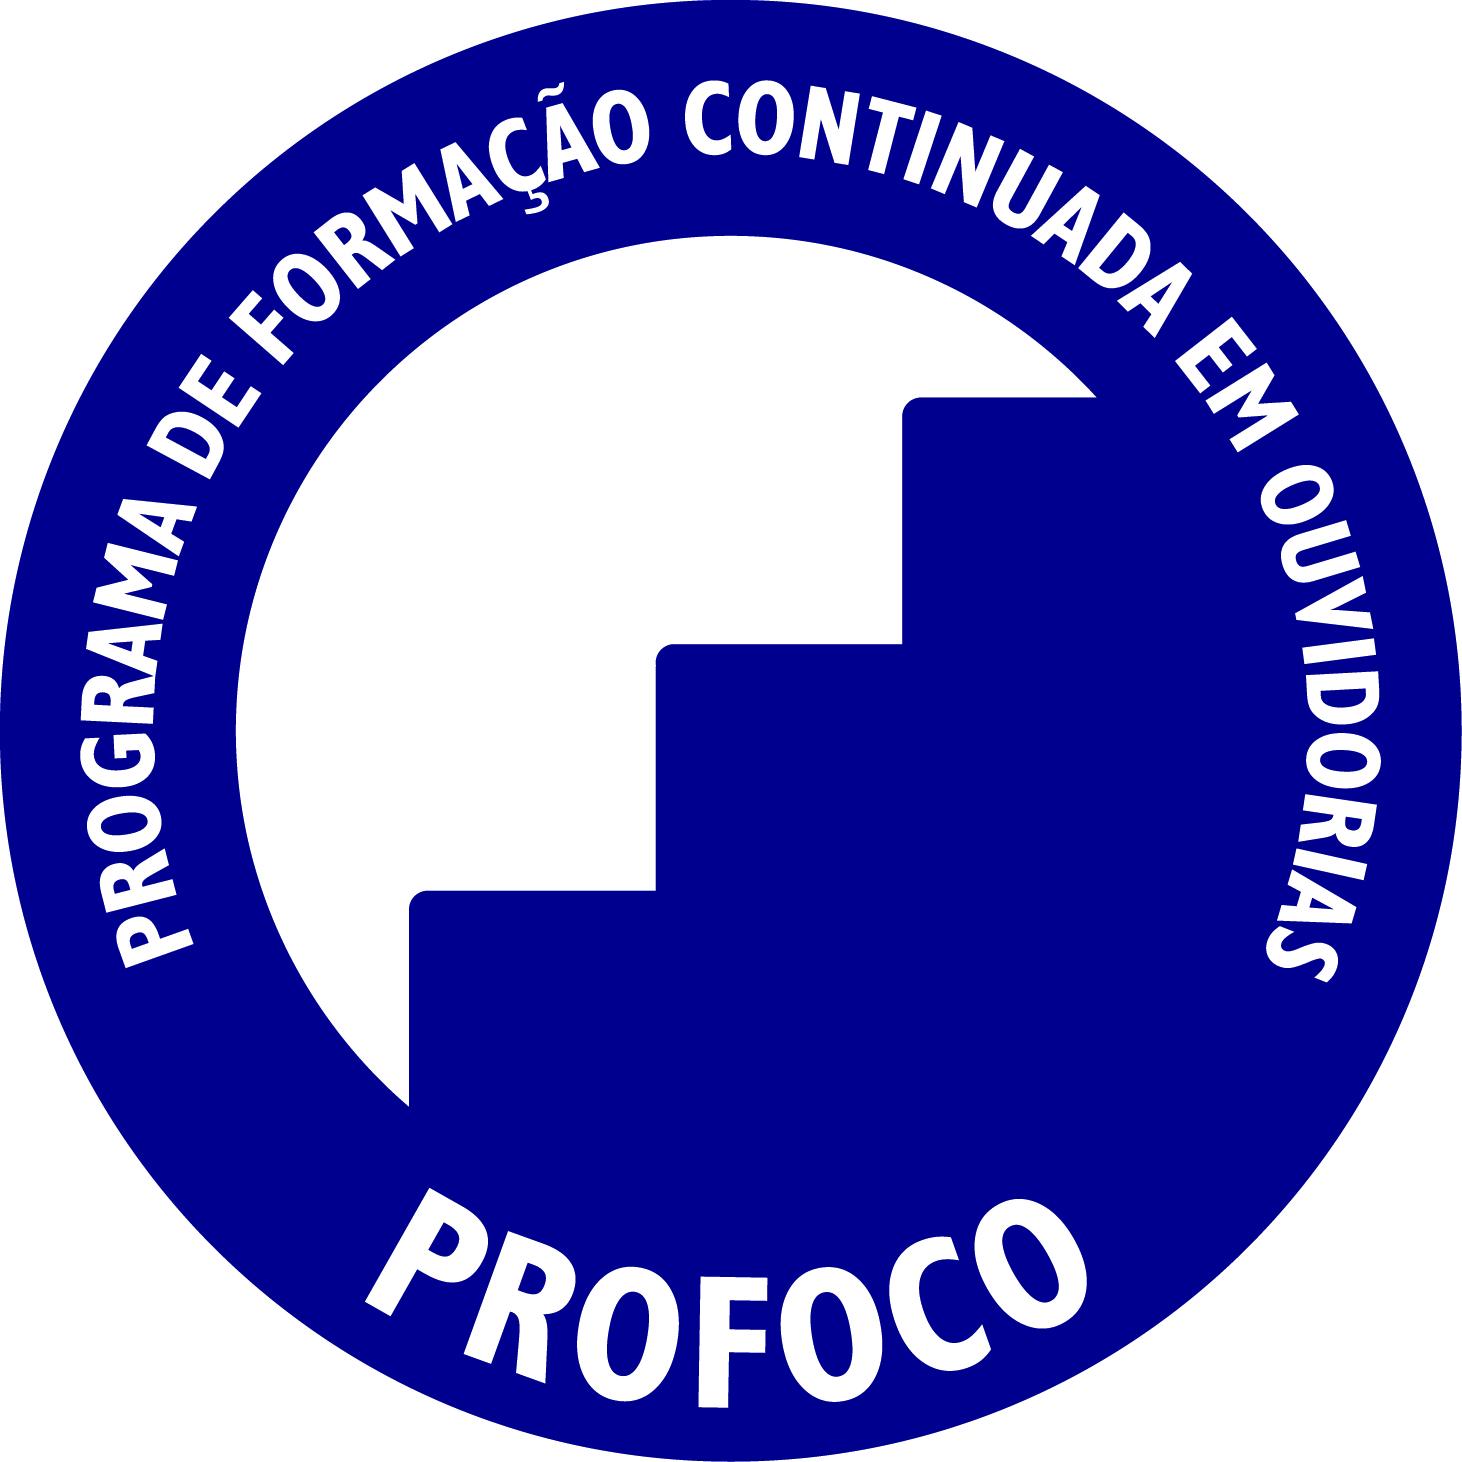 Curso Acesso à Informação, no período de 7 a 9 de agosto de 2018, na cidade de Teresina/PI